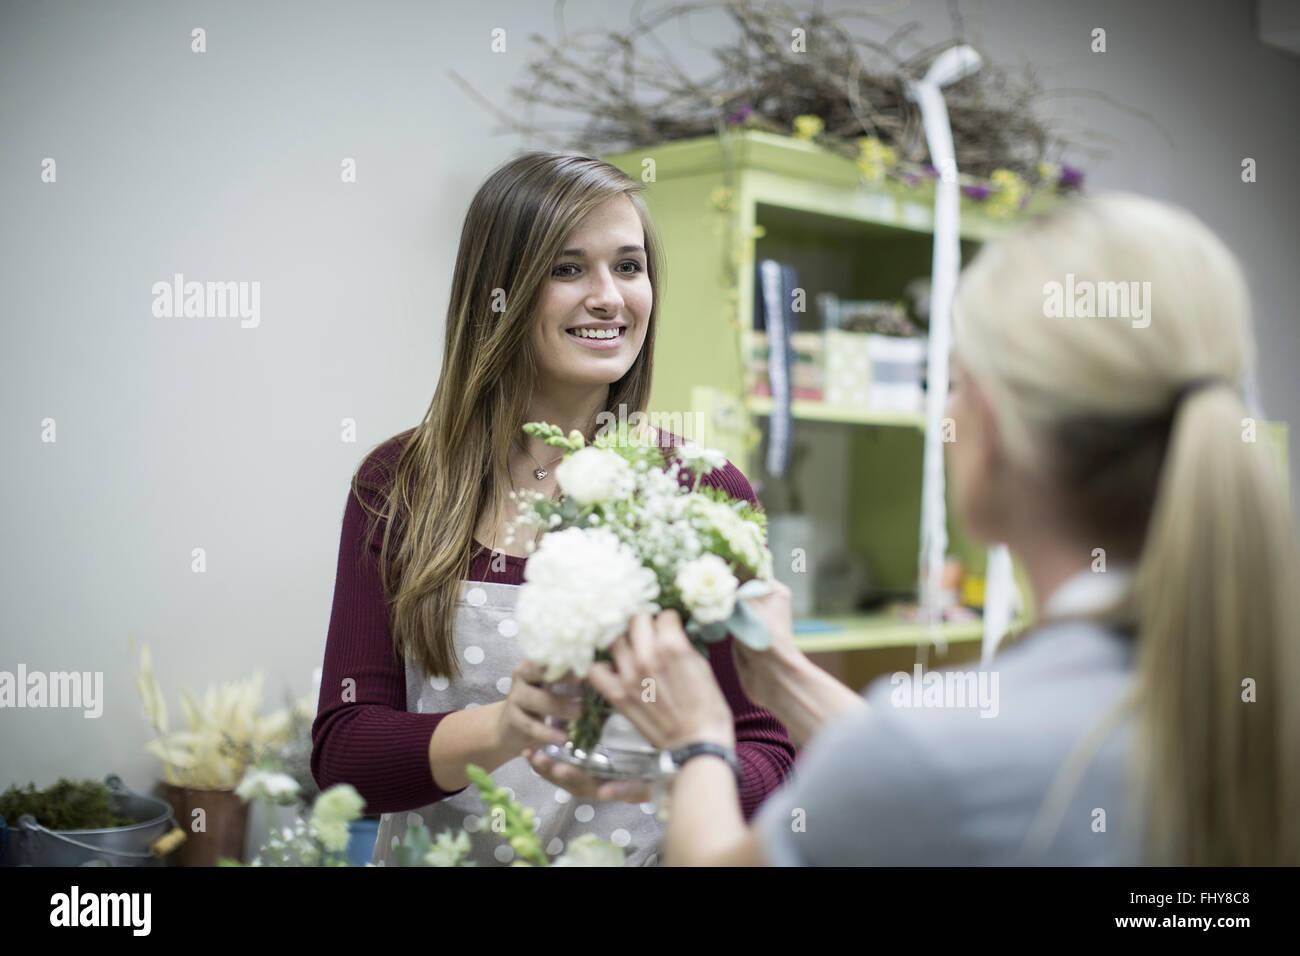 Smiling florist in flower shop presenting flower arrangement - Stock Image